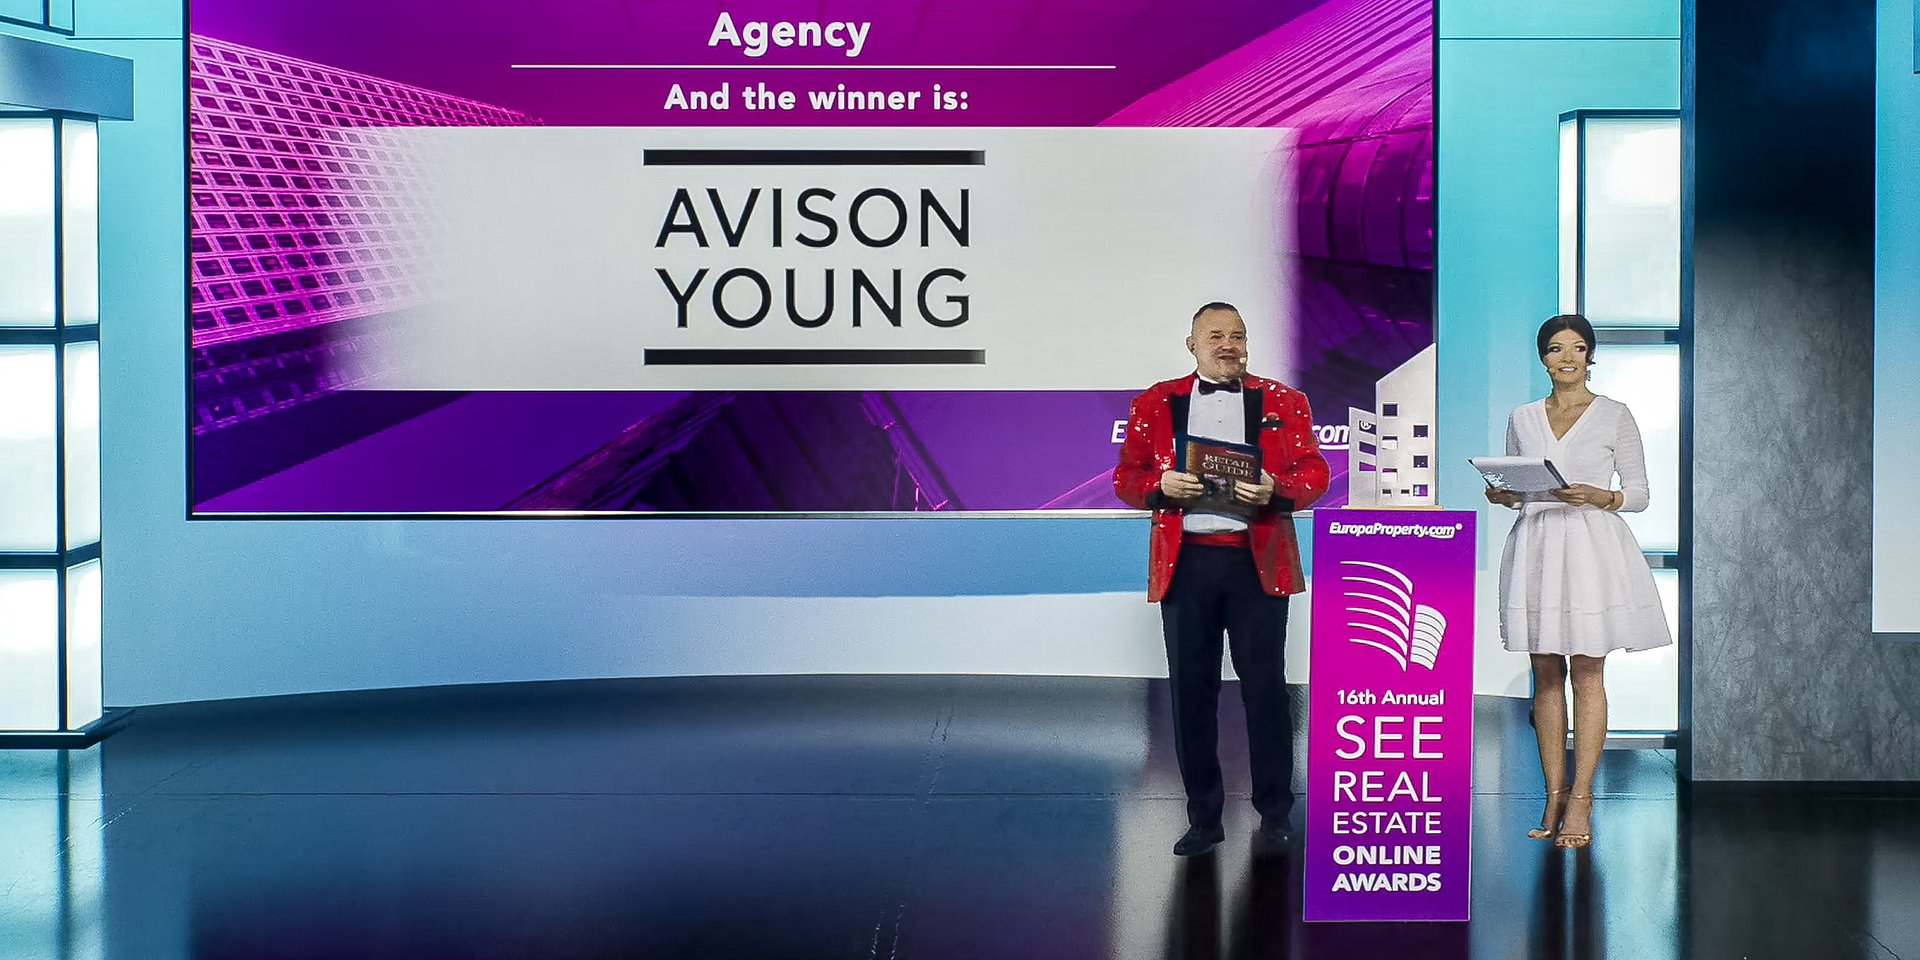 Avison Young z nagrodą dla najlepszej agencji doradczej podczas gali SEE Real Estate Awards